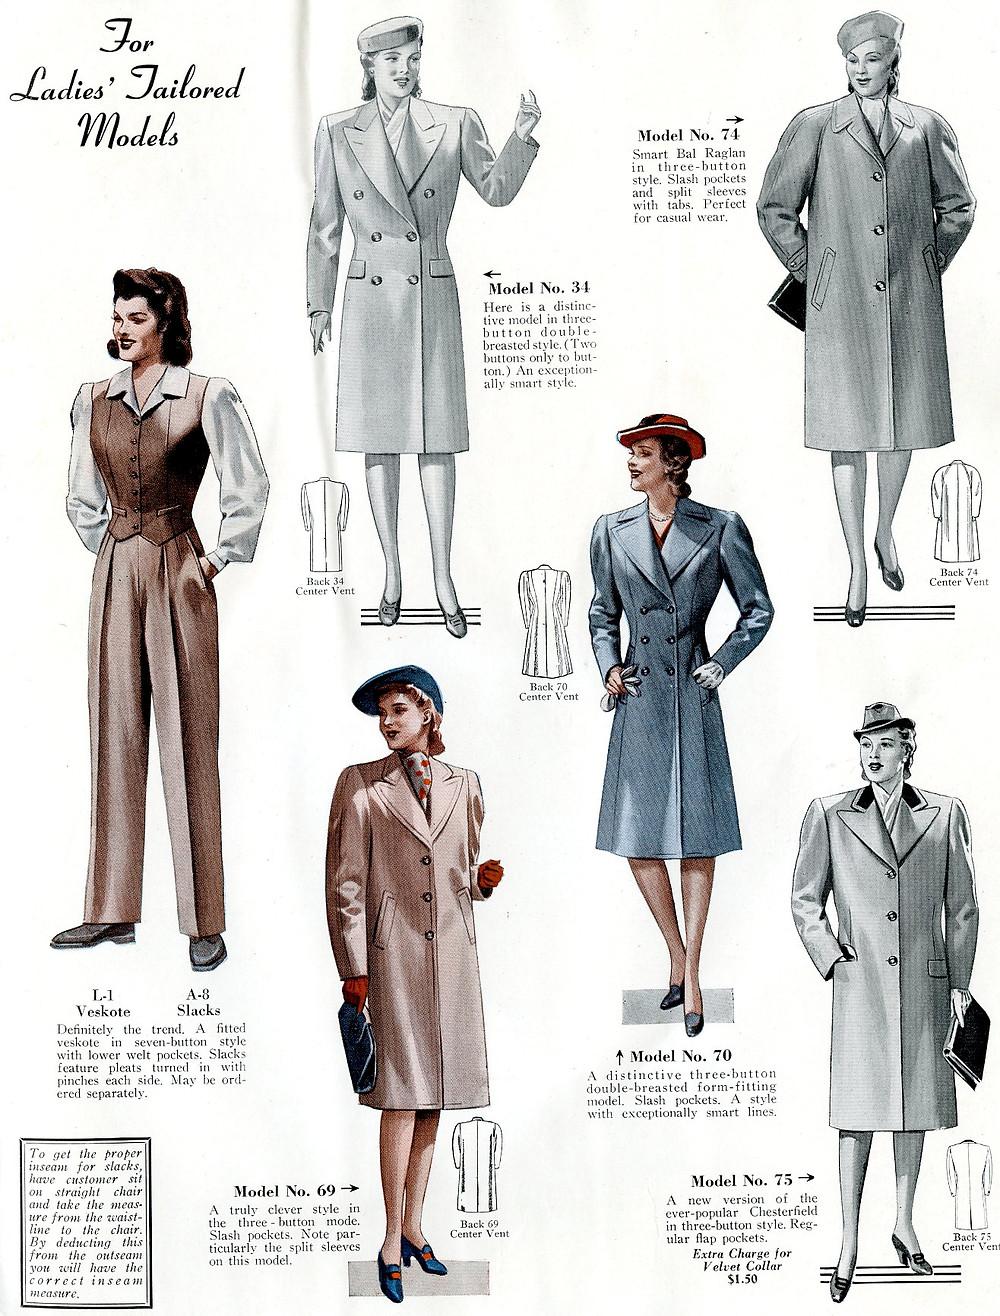 1940s fashion coats for women